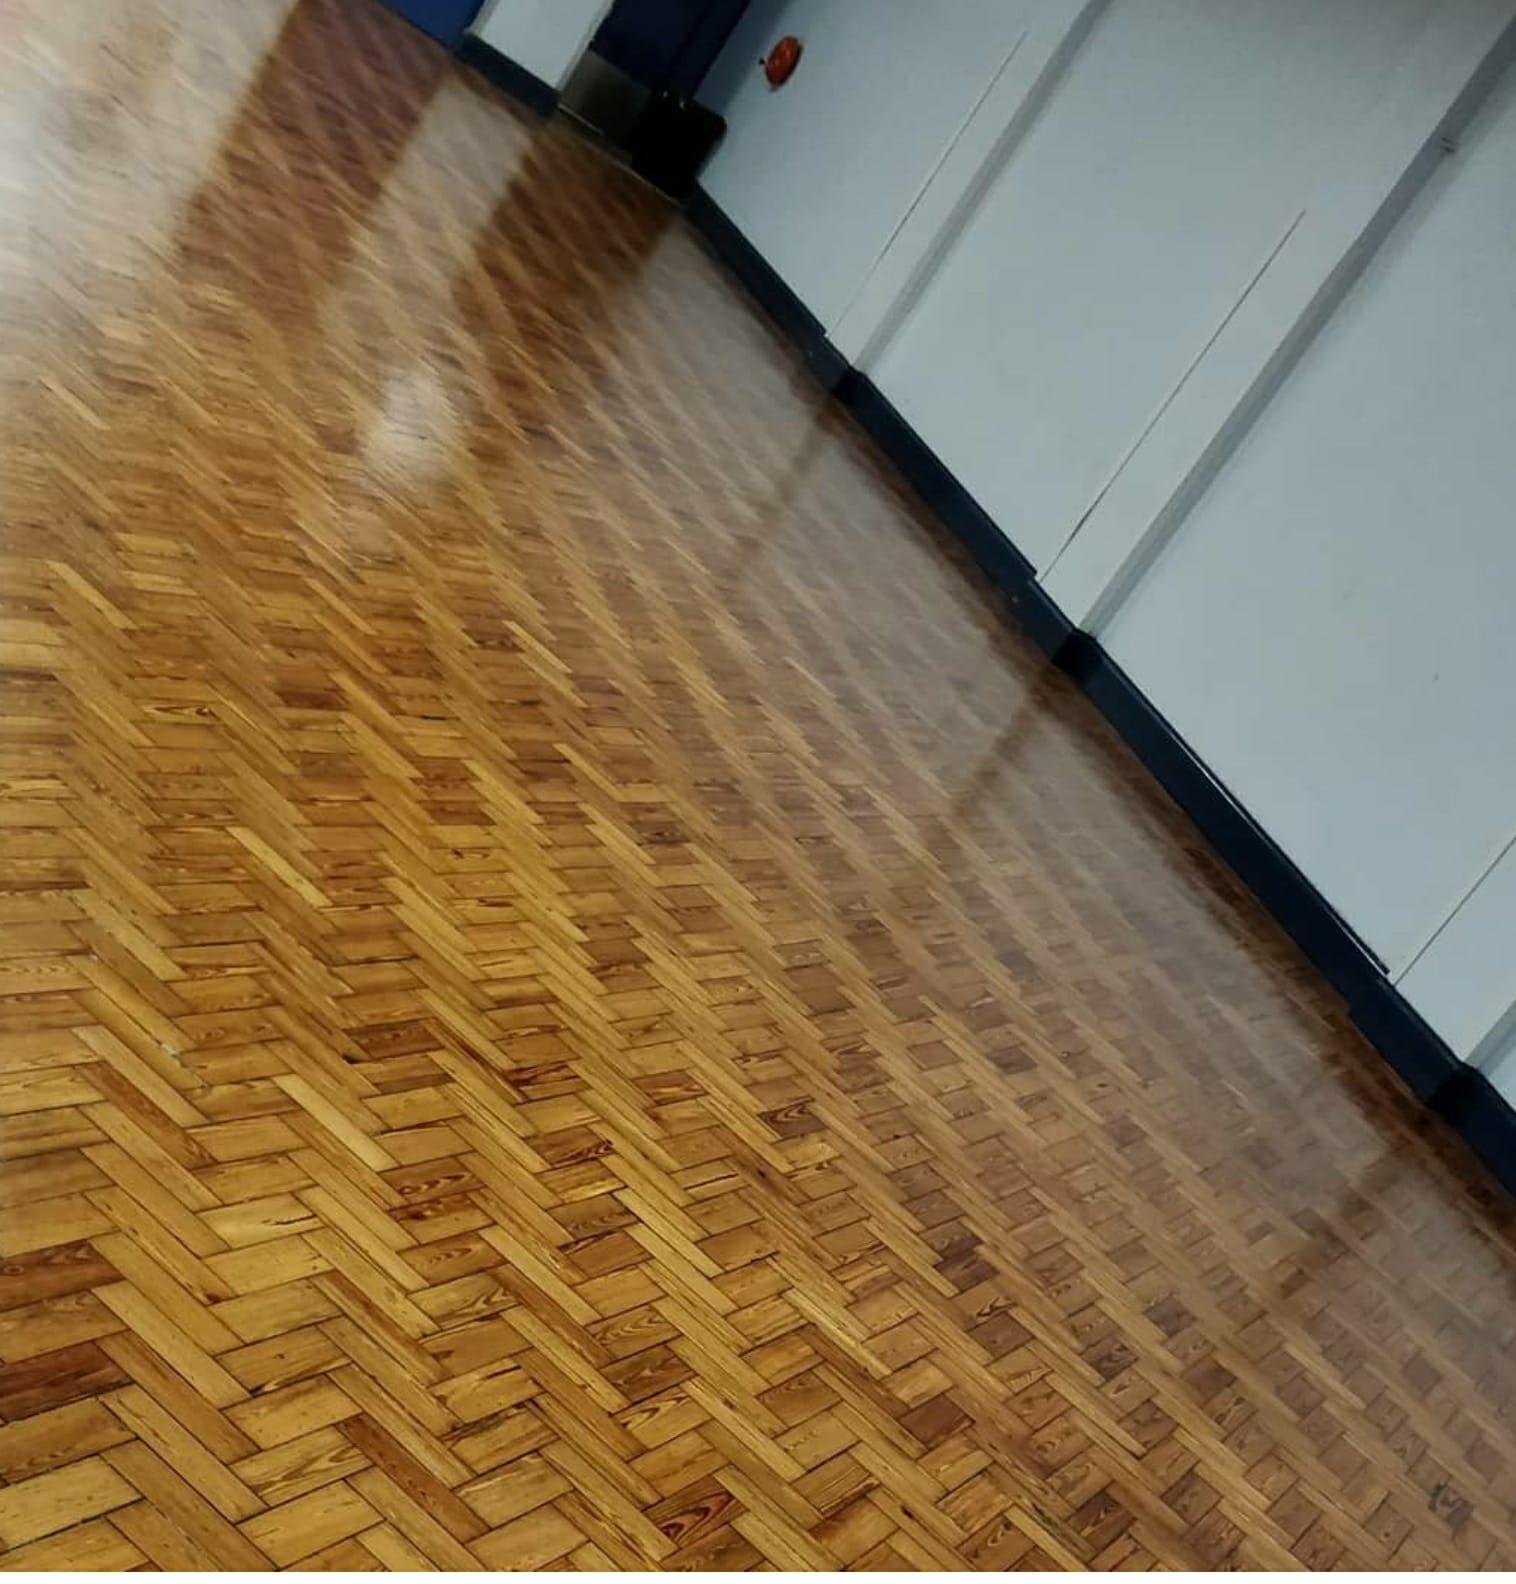 Parquet Floor Sanding After